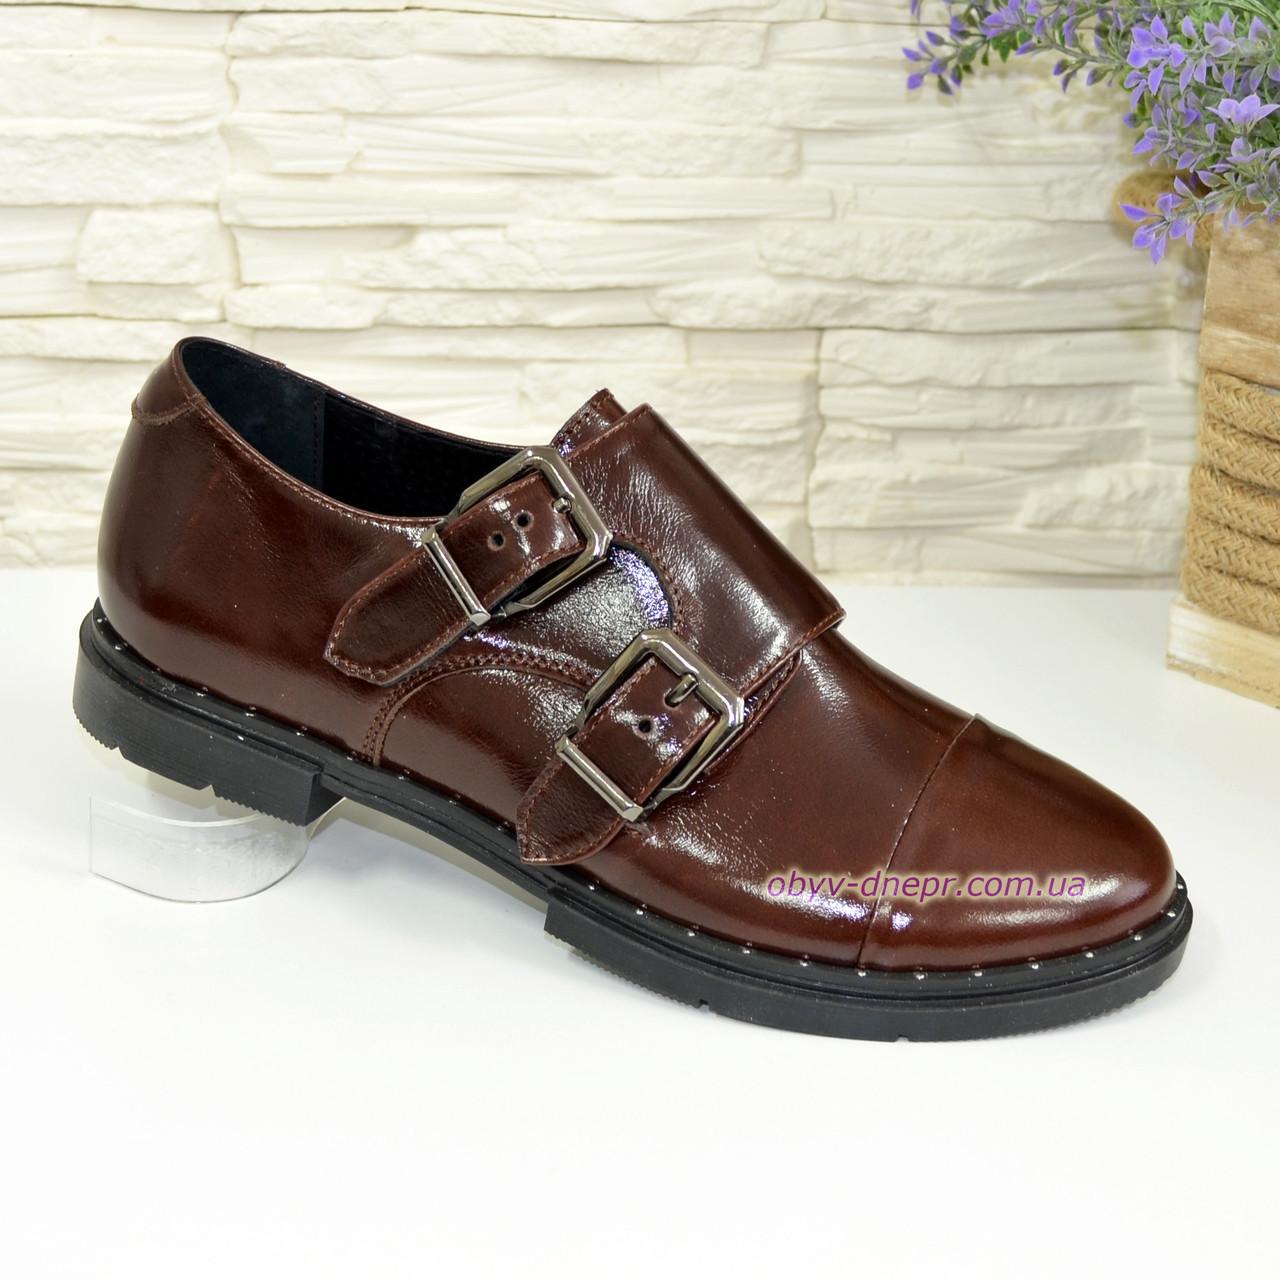 Женские коричневые туфли, натуральная кожа